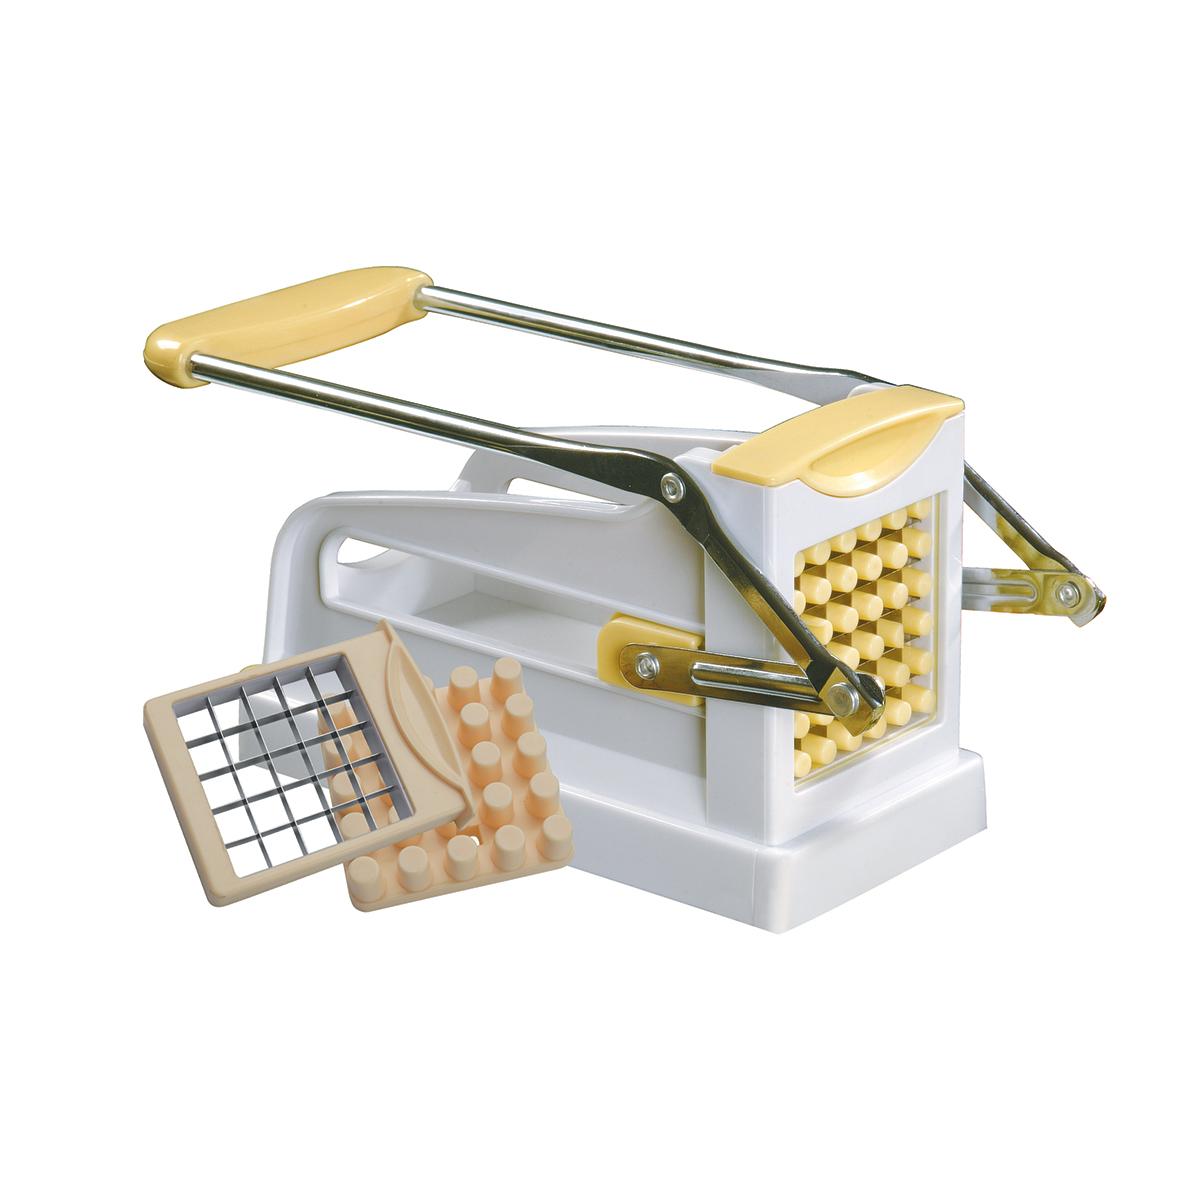 Устройство для резки картофеля фри Dekok, цвет: белый, желтыйUKA-1305Устройство снабжено вакуумной основанием для ее надежной фиксации на рабочем столе. В комплект входят две сменные насадки-решетки - на 25 и 36 ячеек.